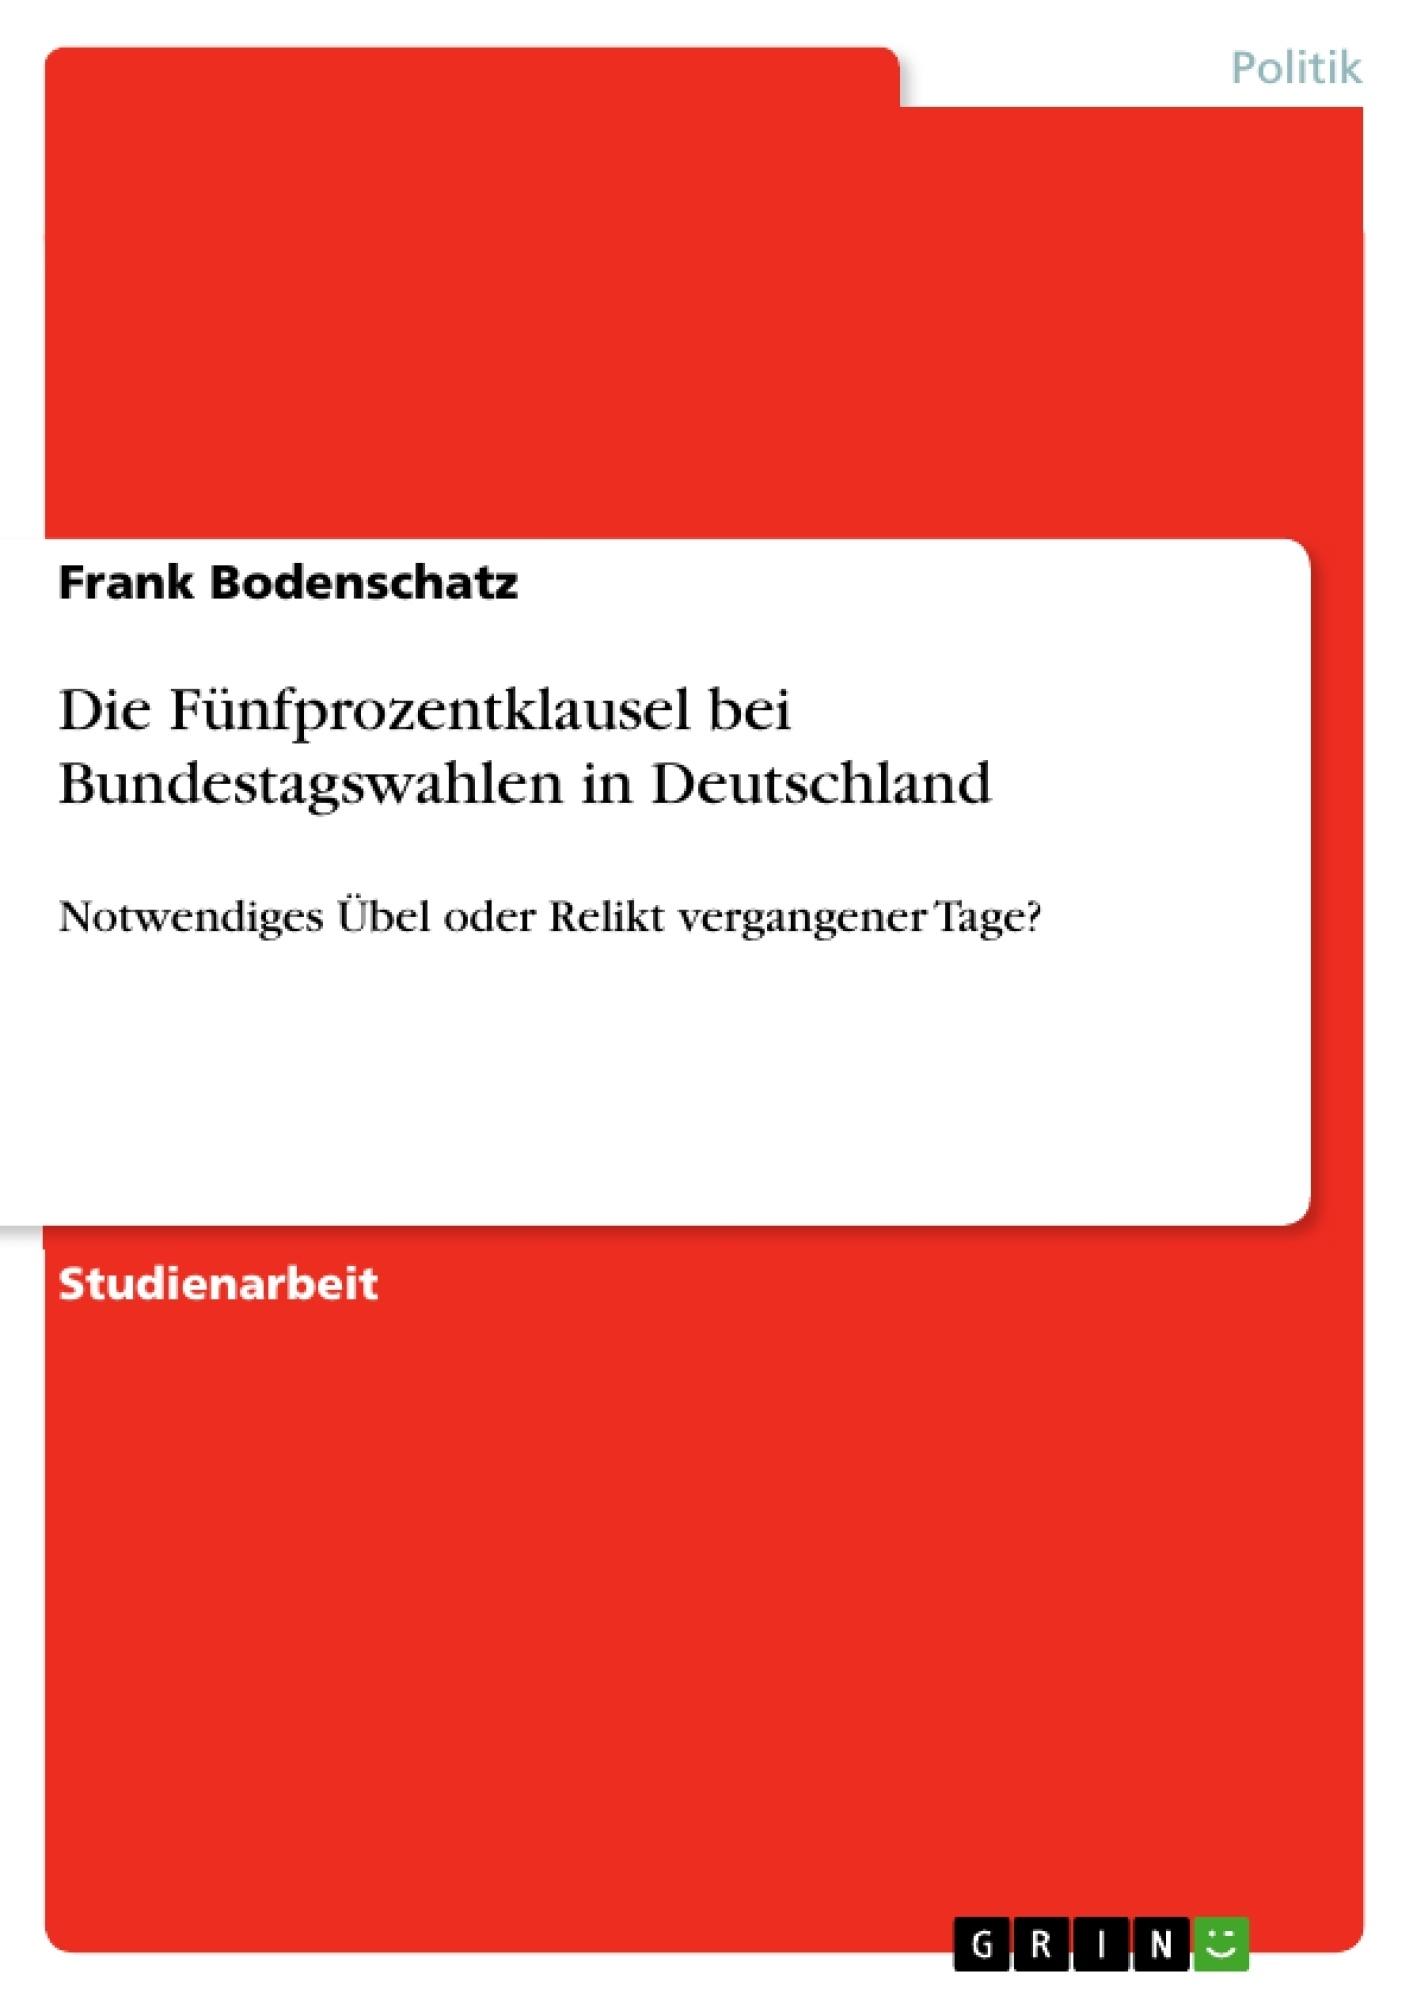 Titel: Die Fünfprozentklausel bei Bundestagswahlen in Deutschland